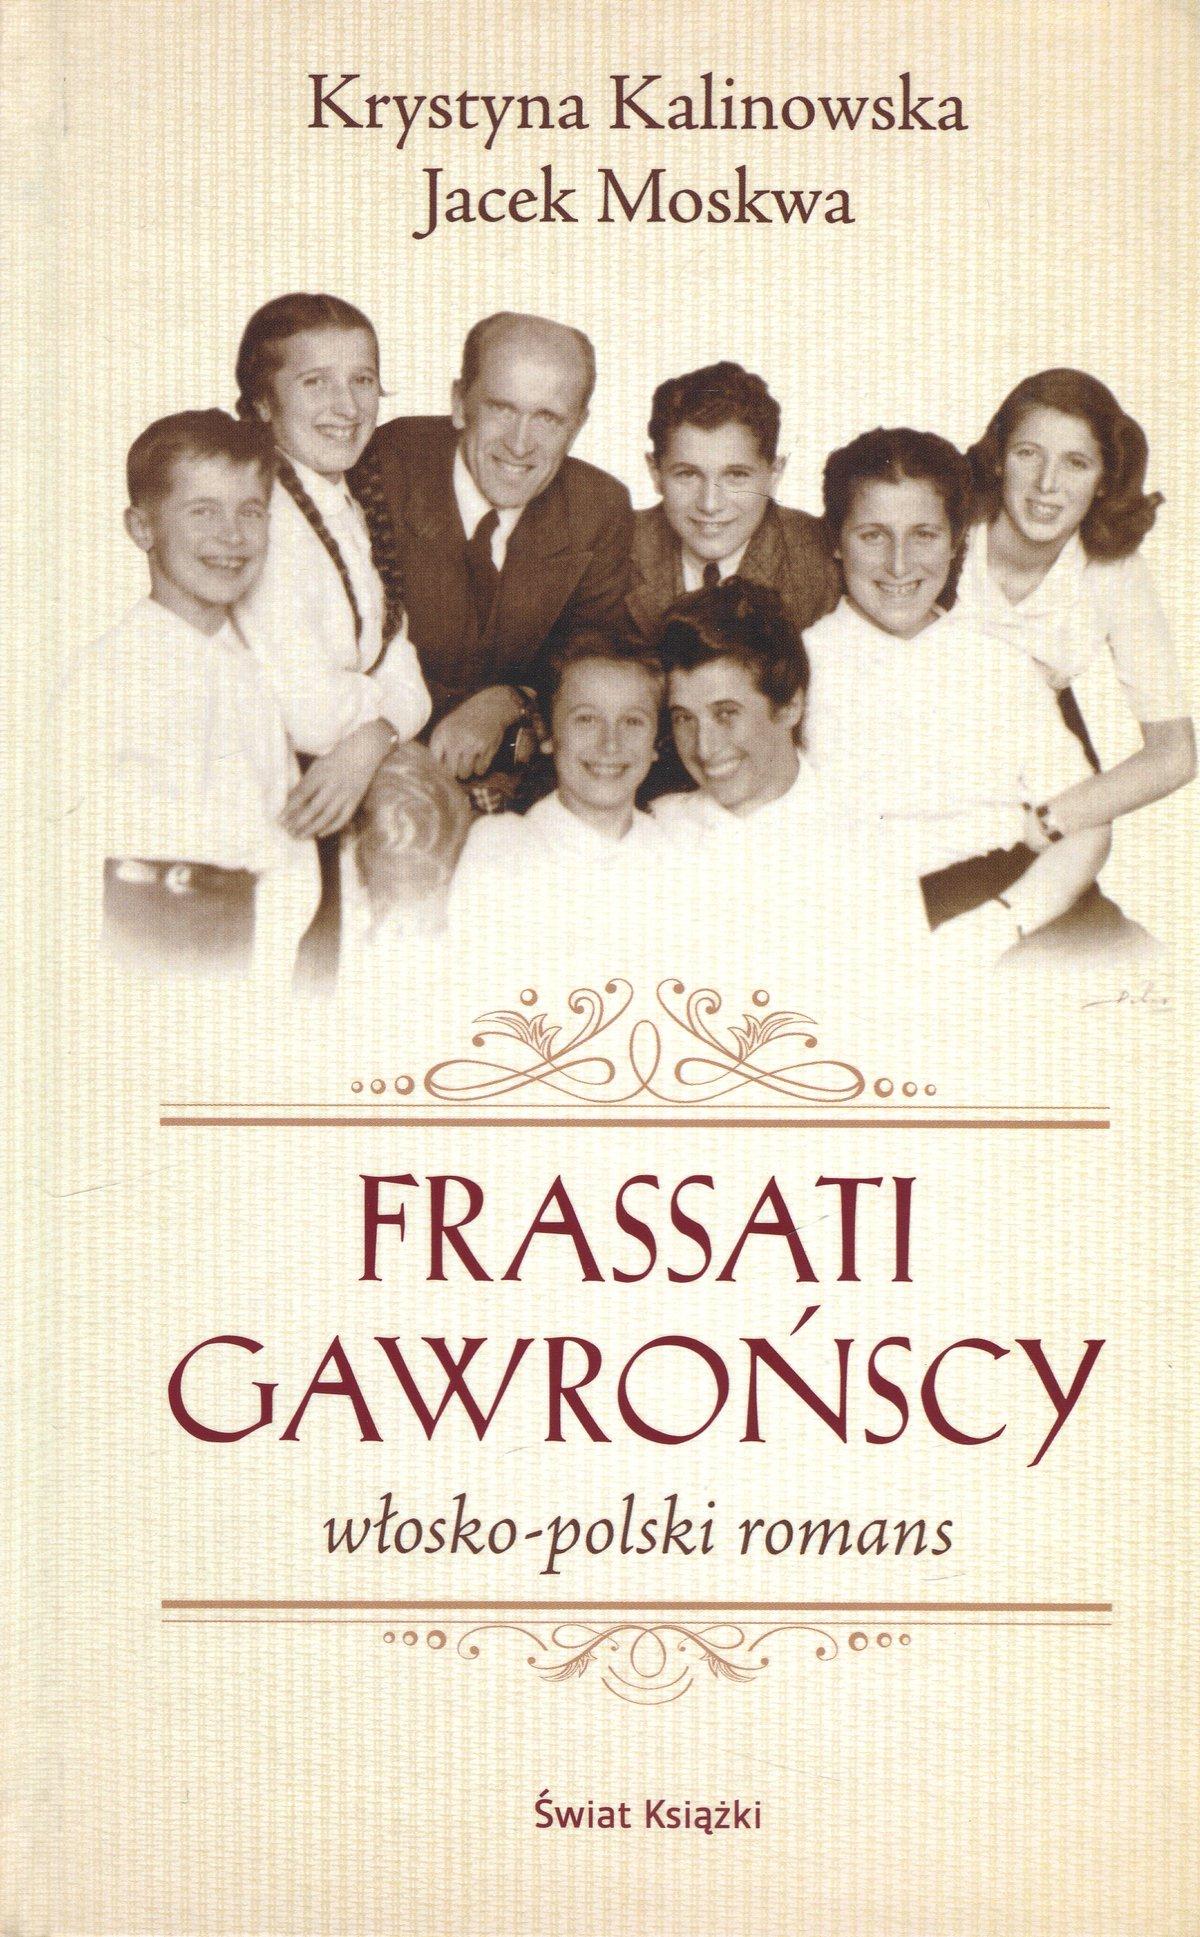 Frassati Gawrońscy. Włosko-polski romans - Ebook (Książka EPUB) do pobrania w formacie EPUB